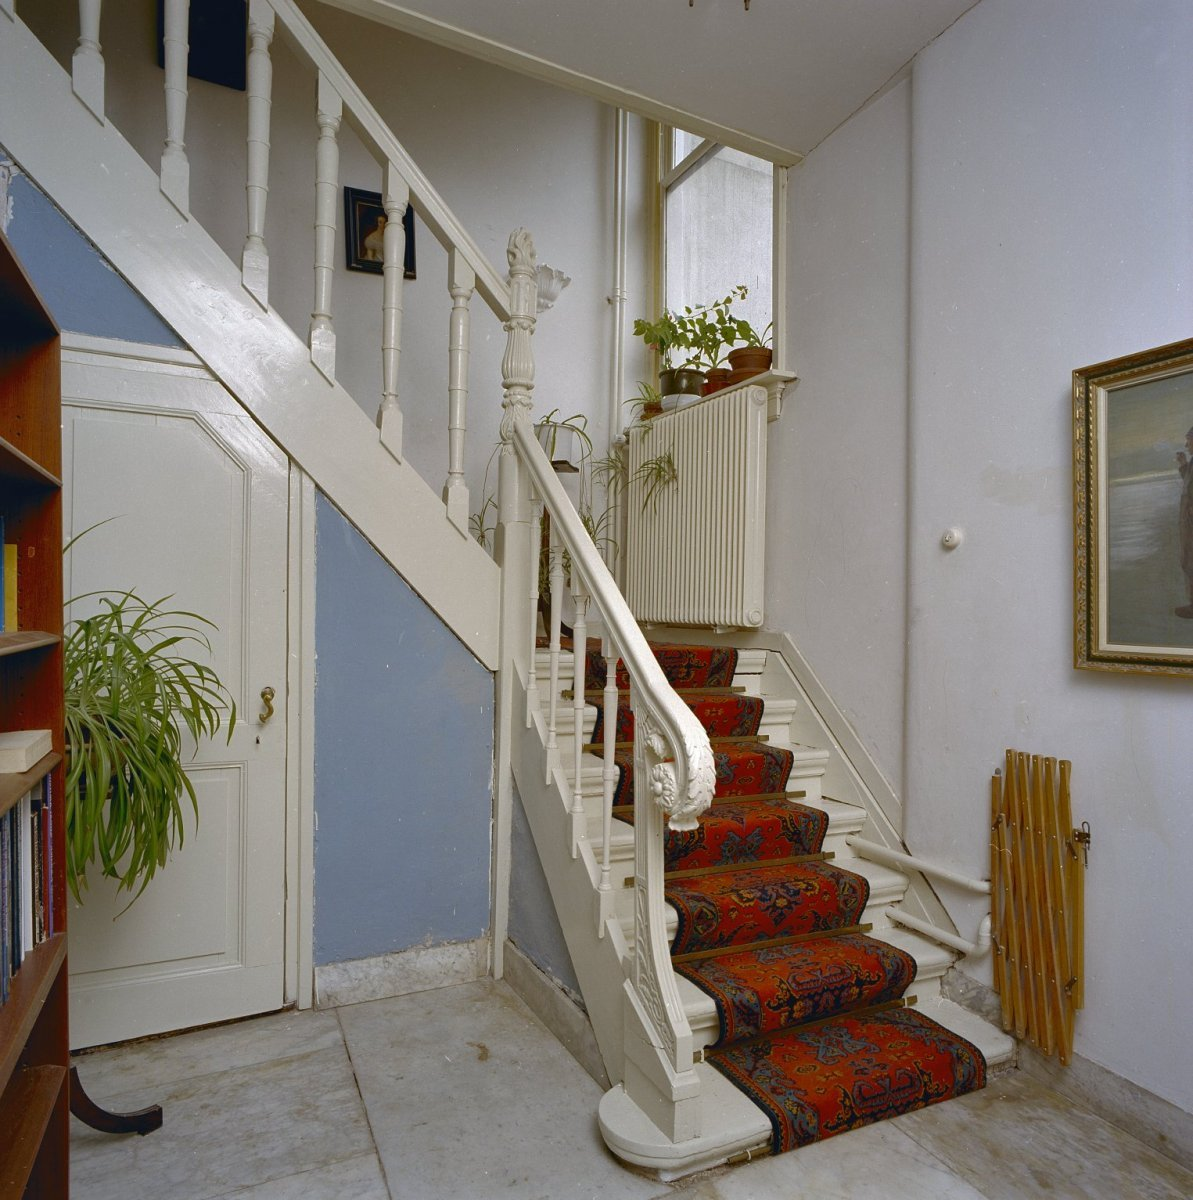 File interieur hal trap datering eind 18e eeuws vermaakt in 19e eeuw noordwijk binnen - Model interieur trap ...